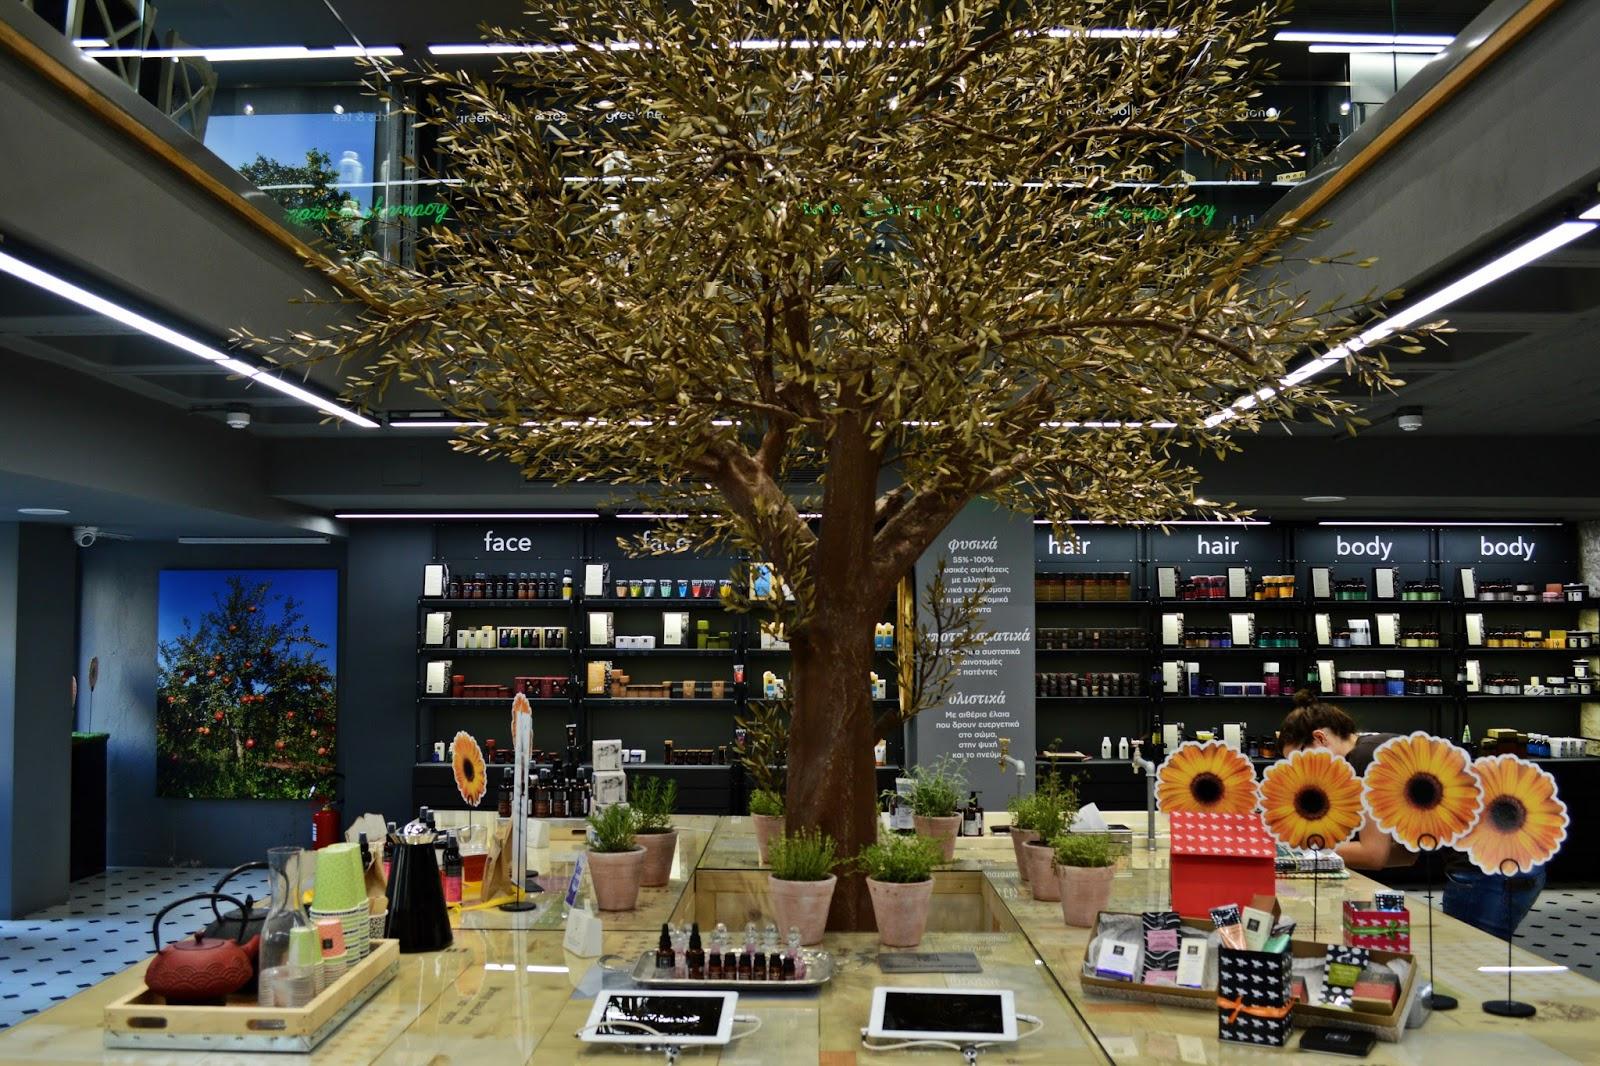 THE APIVITA体验店 Ermou街分店